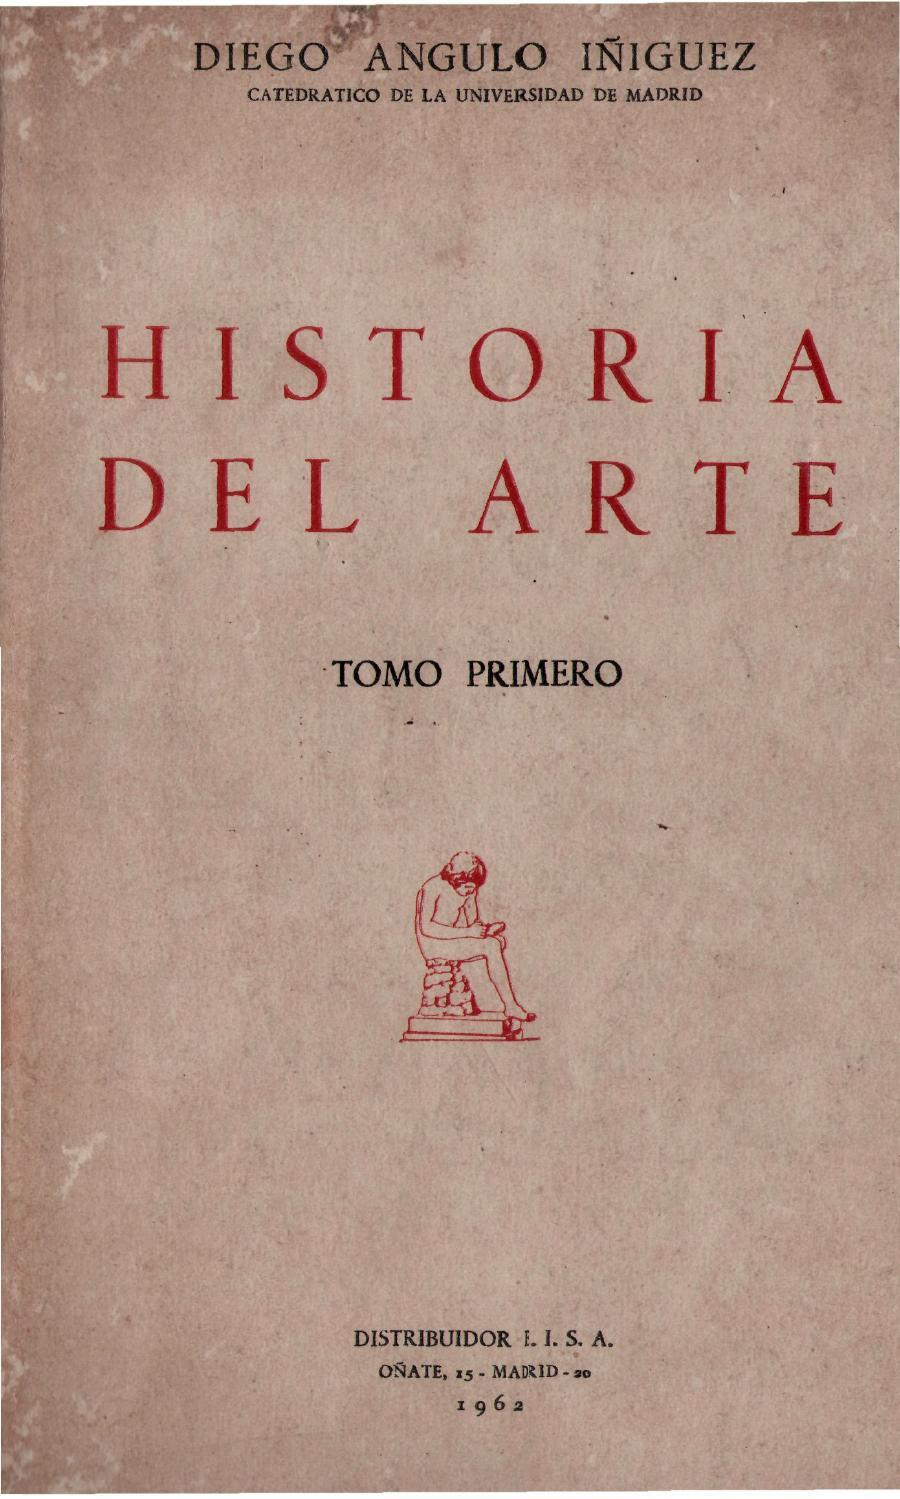 Angulo Íñiguez, Diego - Historia del Arte (Tomo I) by